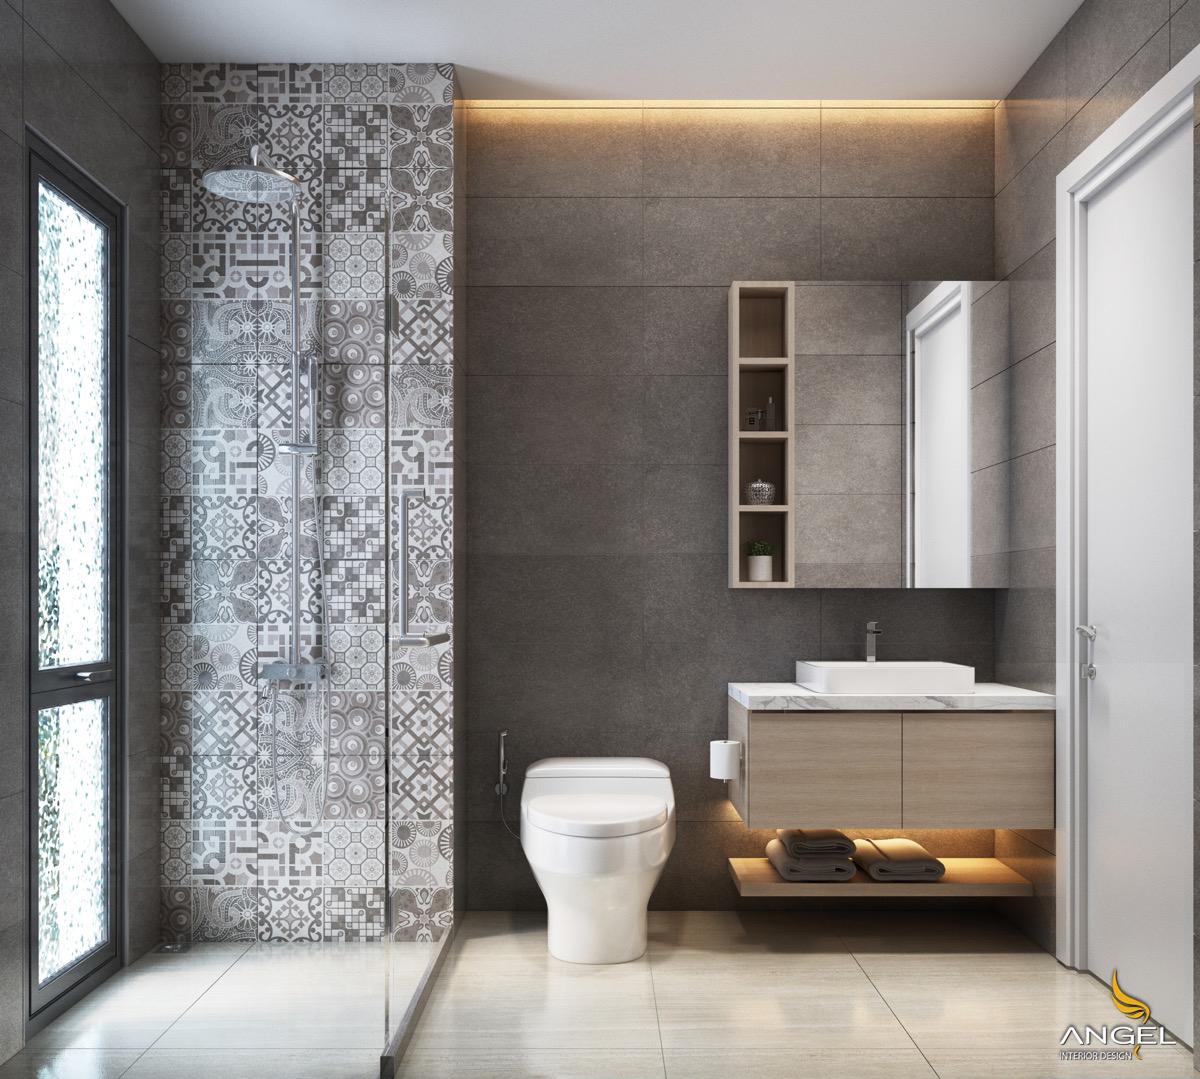 Những Mẫu Thiết Kế Nội Thất Phòng Tắm Tuyệt Vời Năm 2018